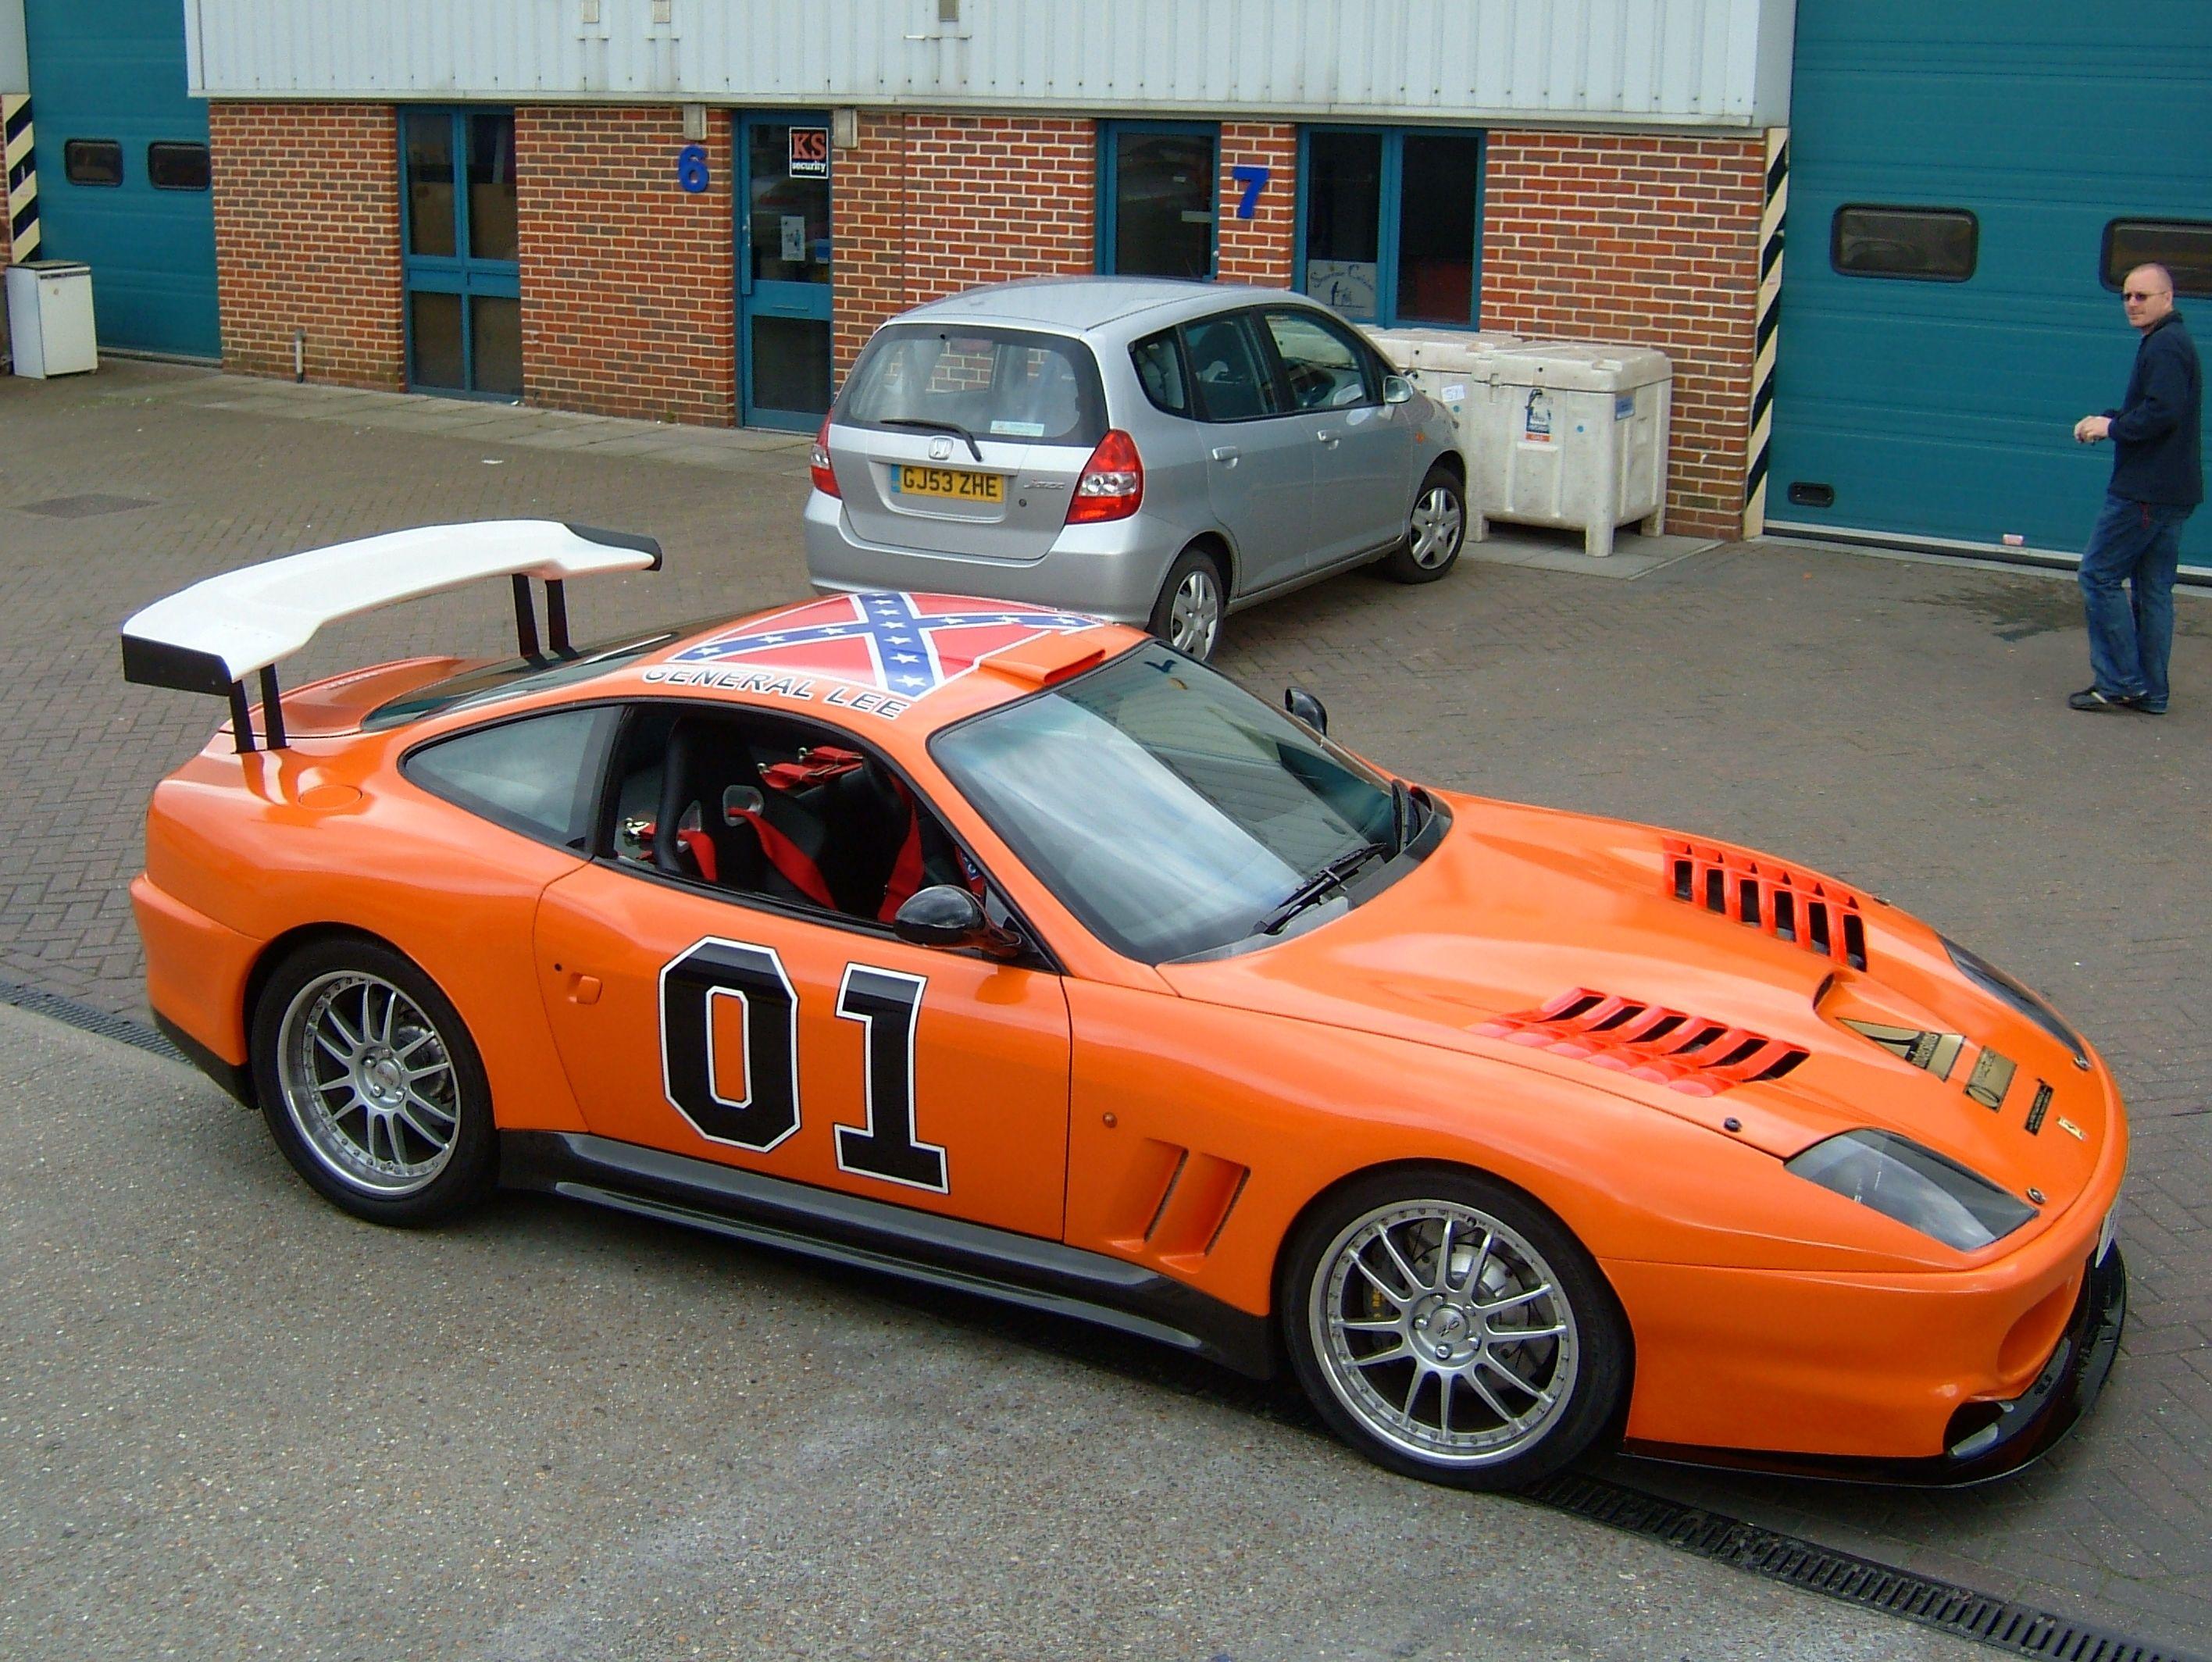 bccf77329af6480f35457a4bdd899f38 Elegant Ferrari F 108 Al-mondial 8 Cars Trend